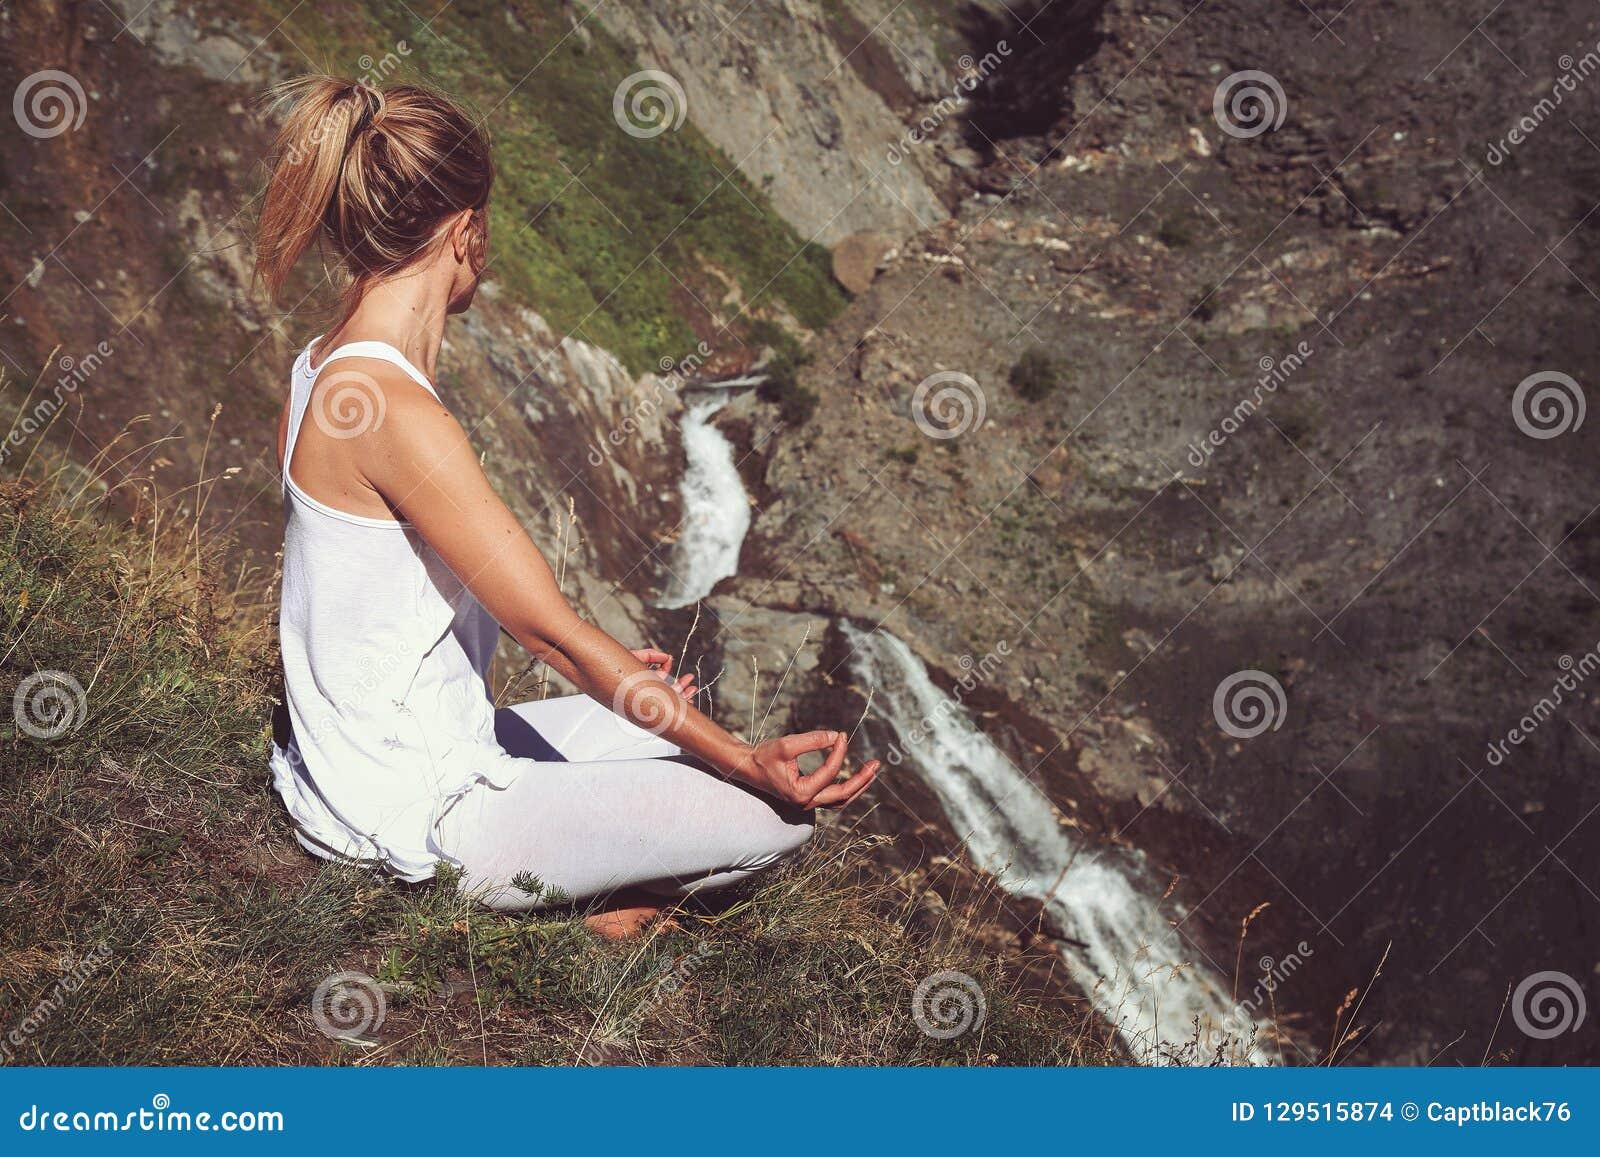 Frau in Yoga positiion Blicken auf Wasserfall